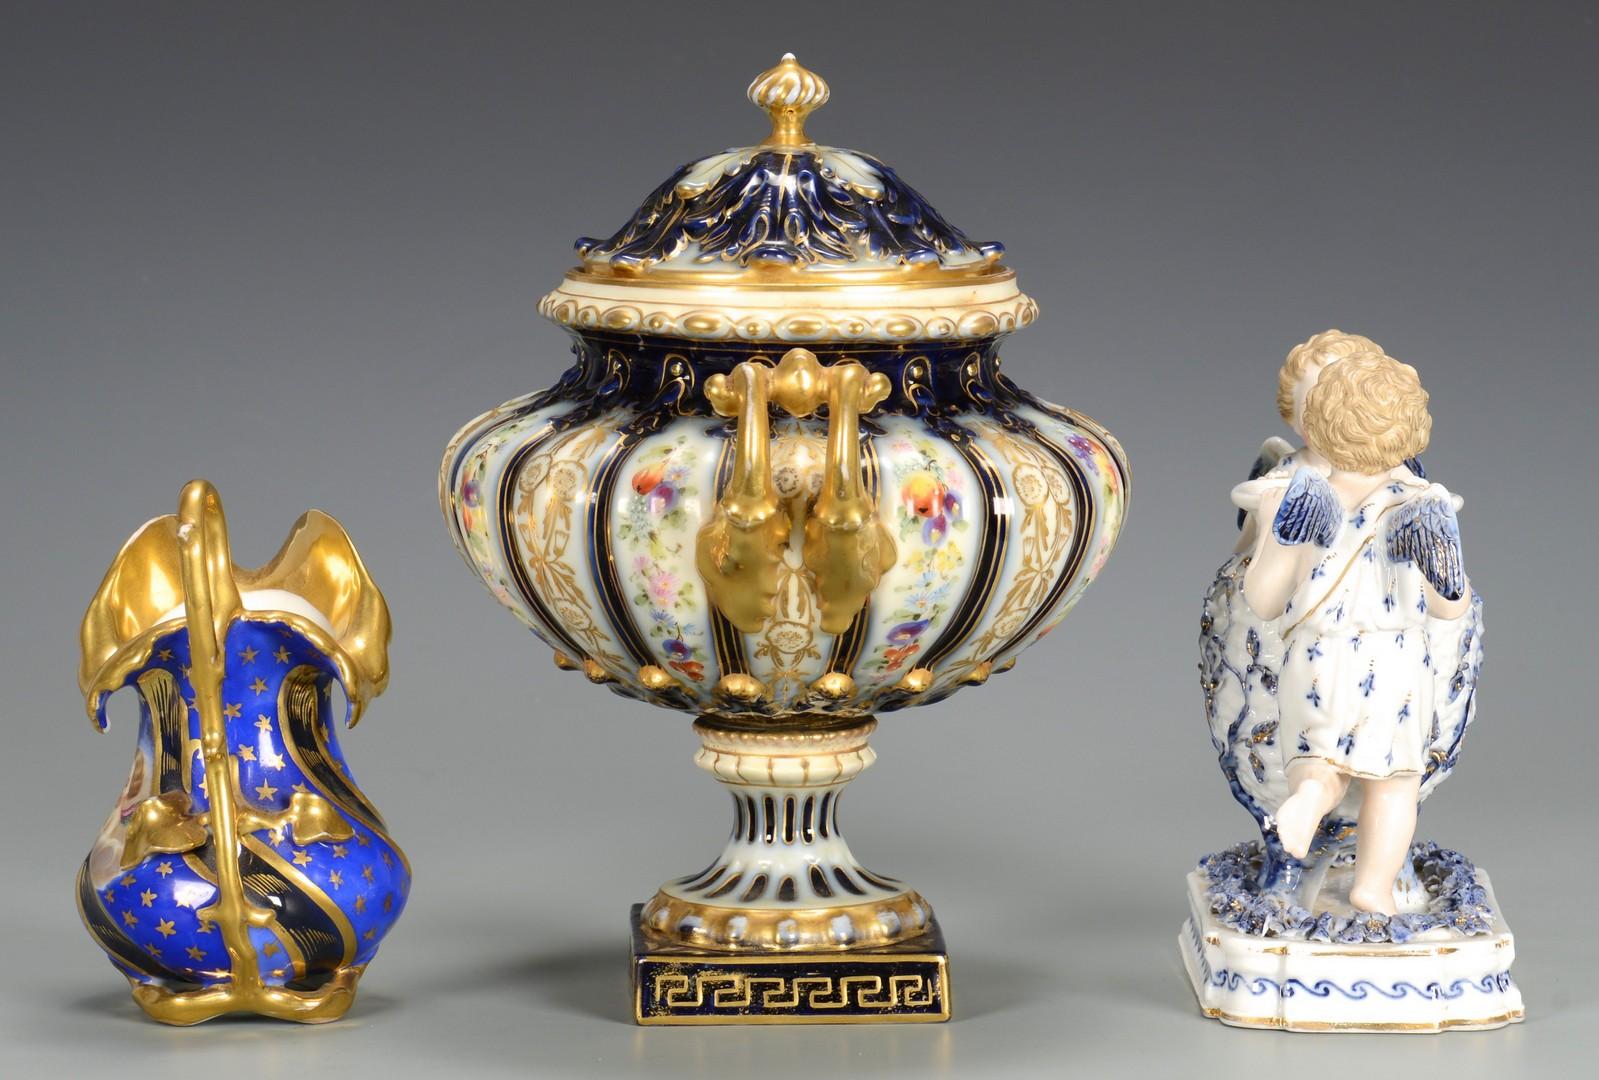 Lot 614: Rudolstadt Cherub Figural & Vase, Cherub Creamer